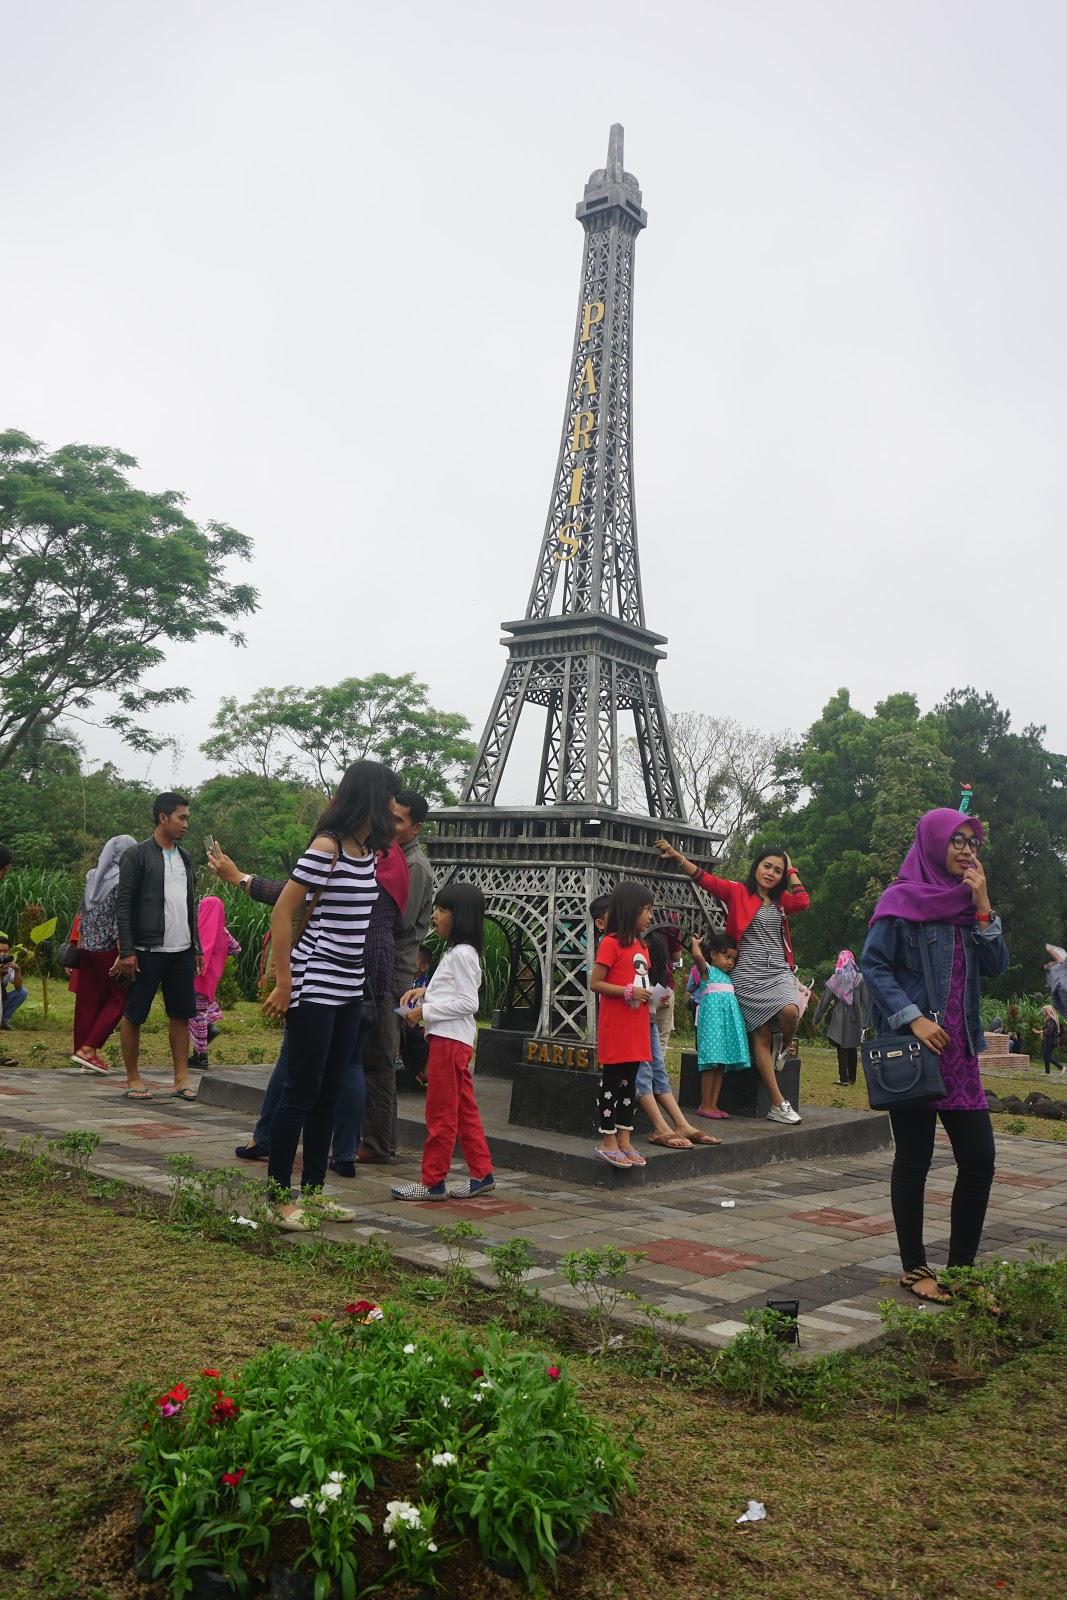 IMAGE : Wisata Kaliurang Park